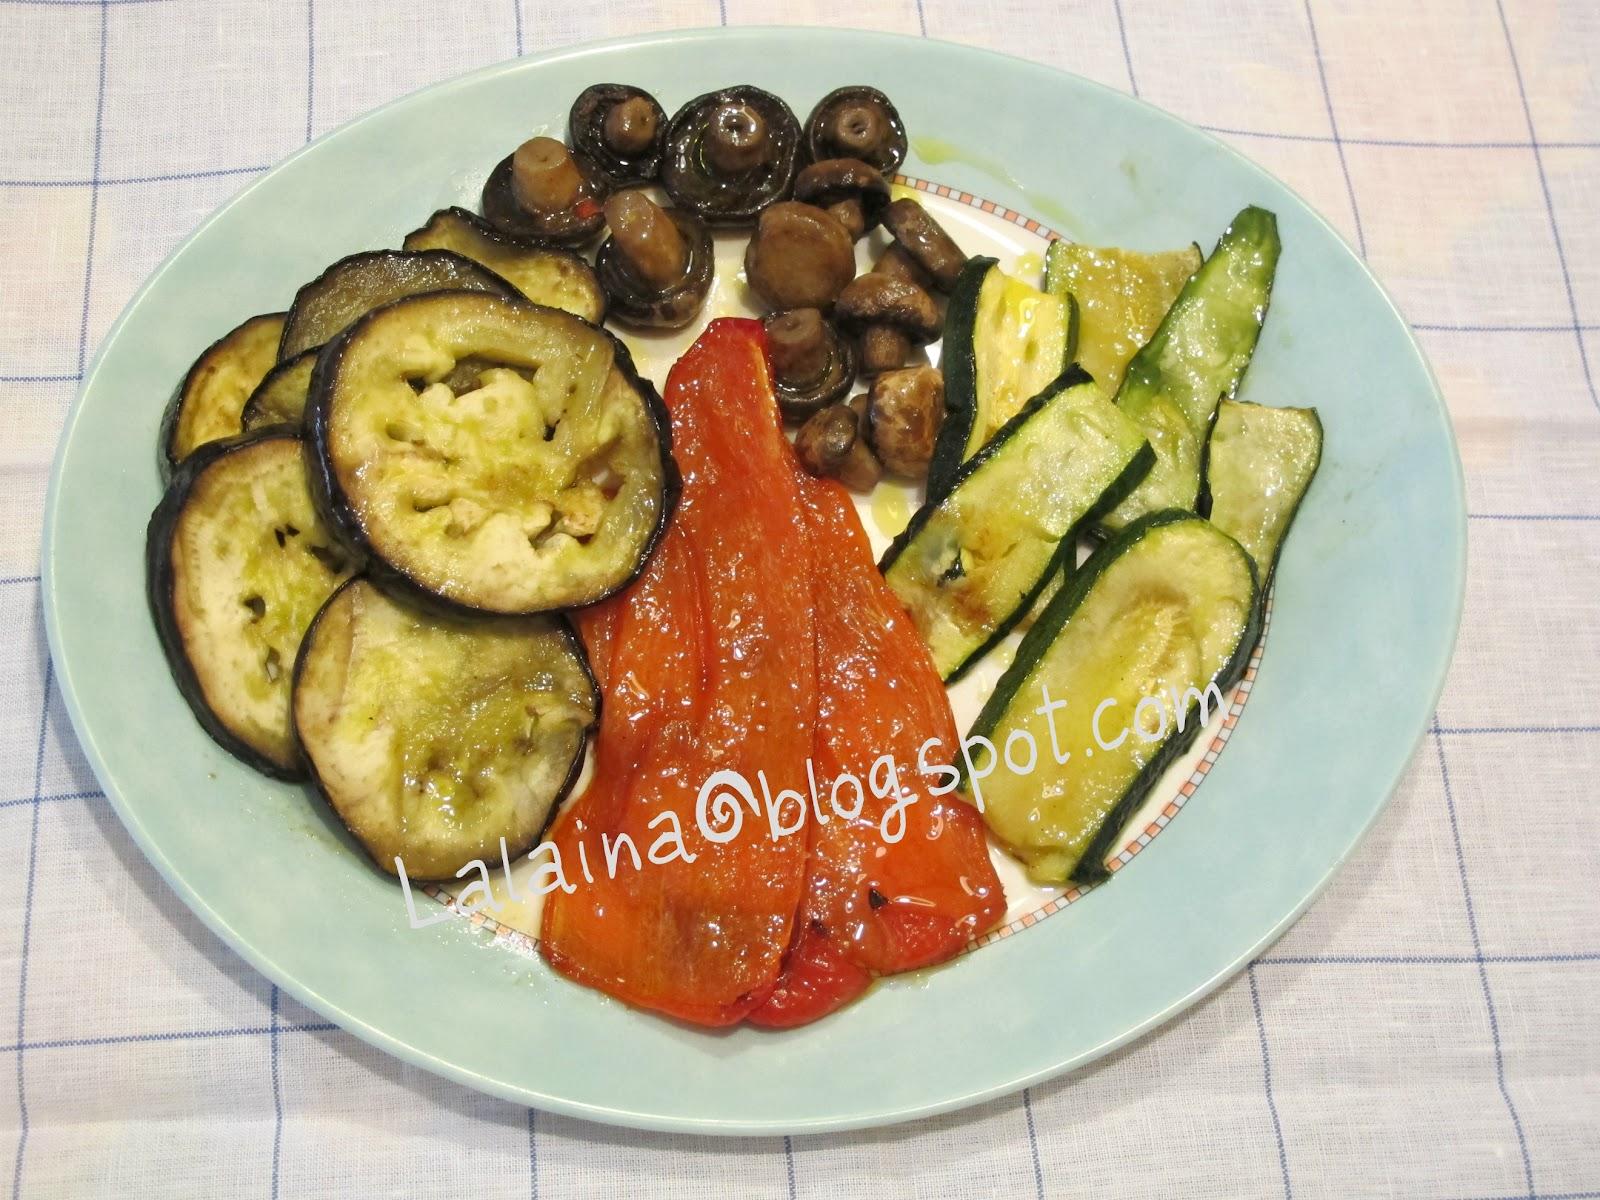 La casa de lalaina verduras asadas al horno - Verduras rellenas al horno ...